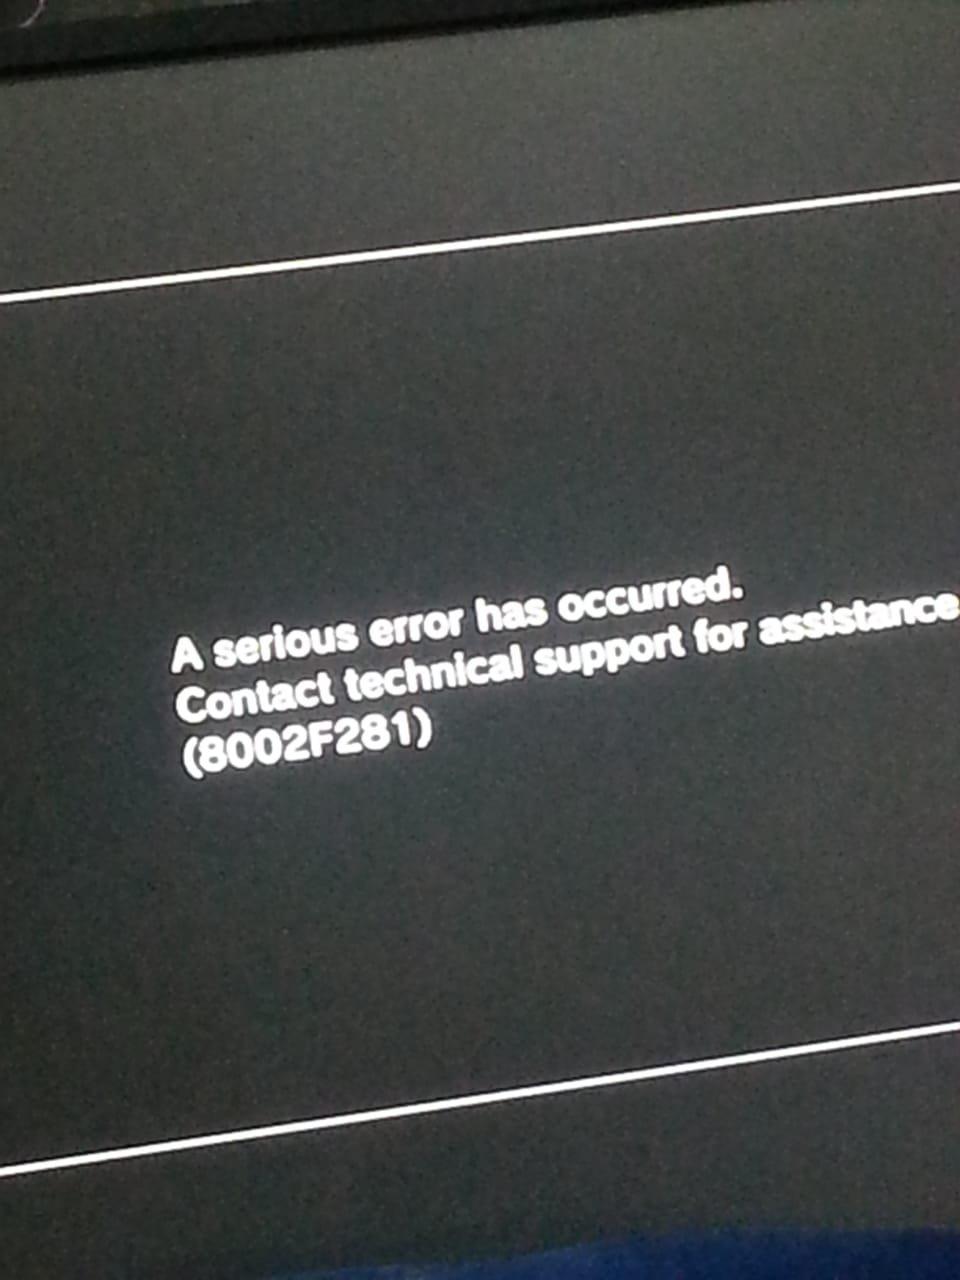 PS3 Fat won't accept USB update | PSX-Place